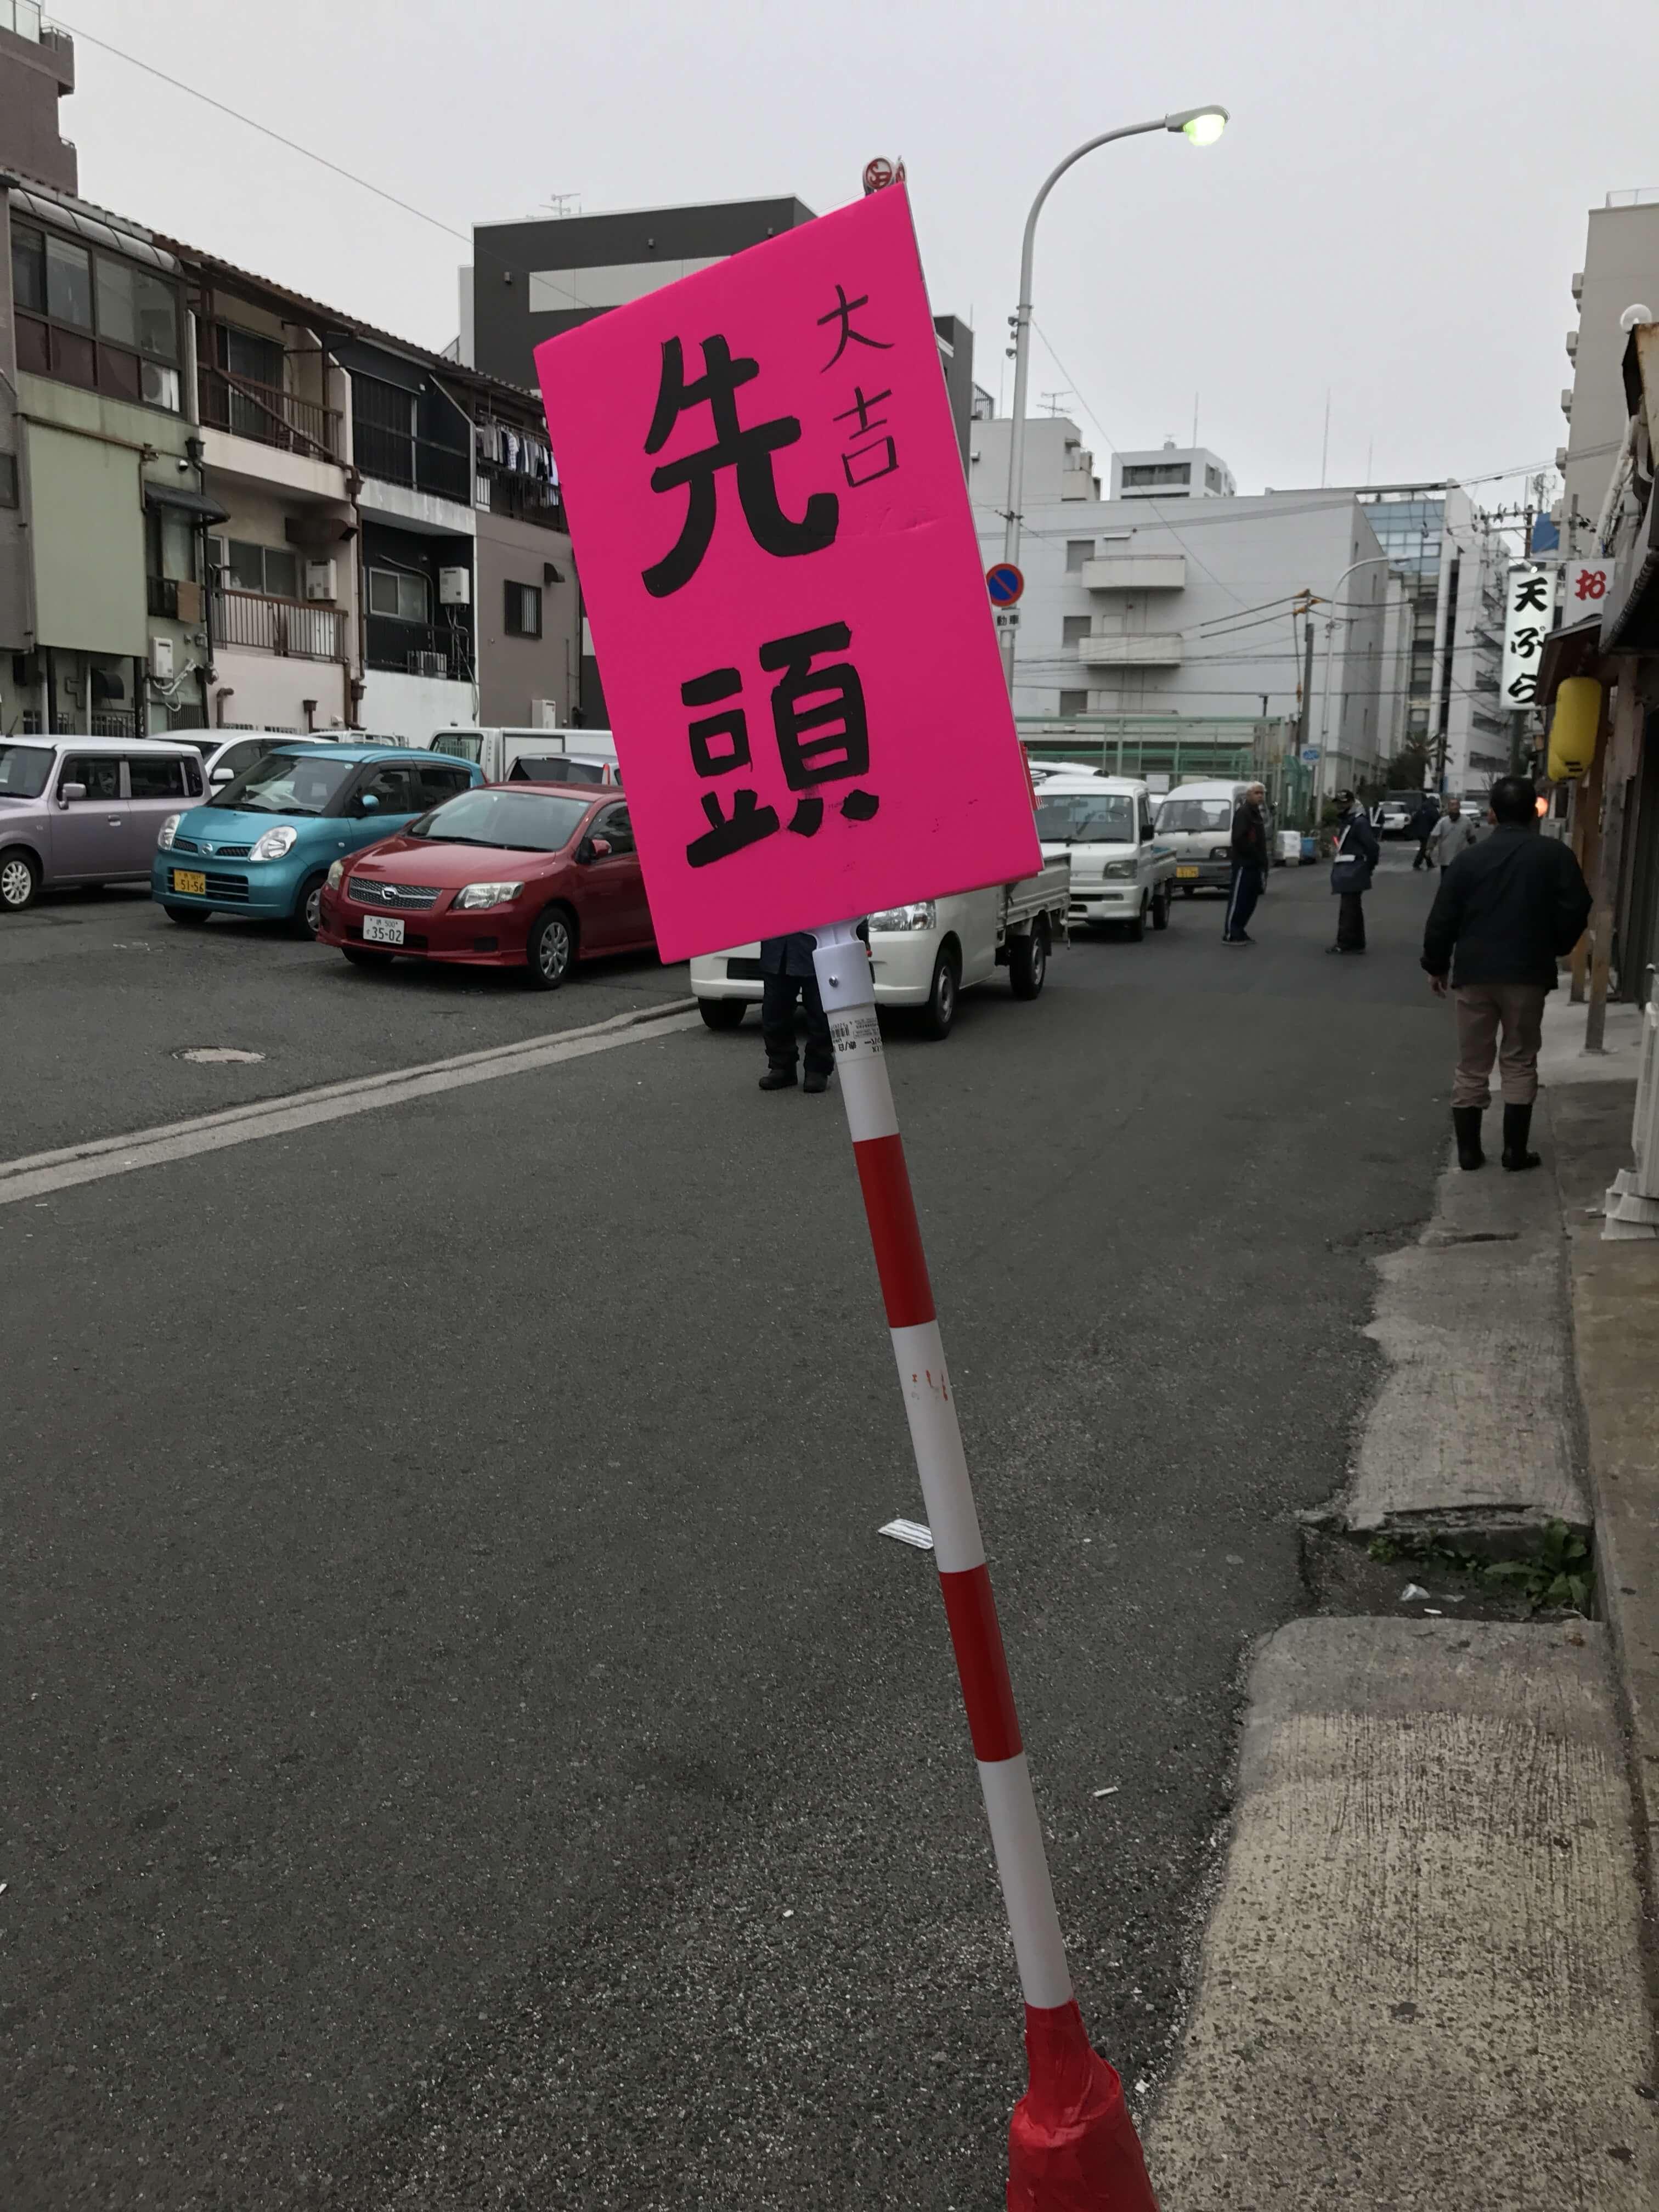 大阪、堺市にある行列のできる天ぷら屋。天ぷら大吉の行列に並んでいる様子。